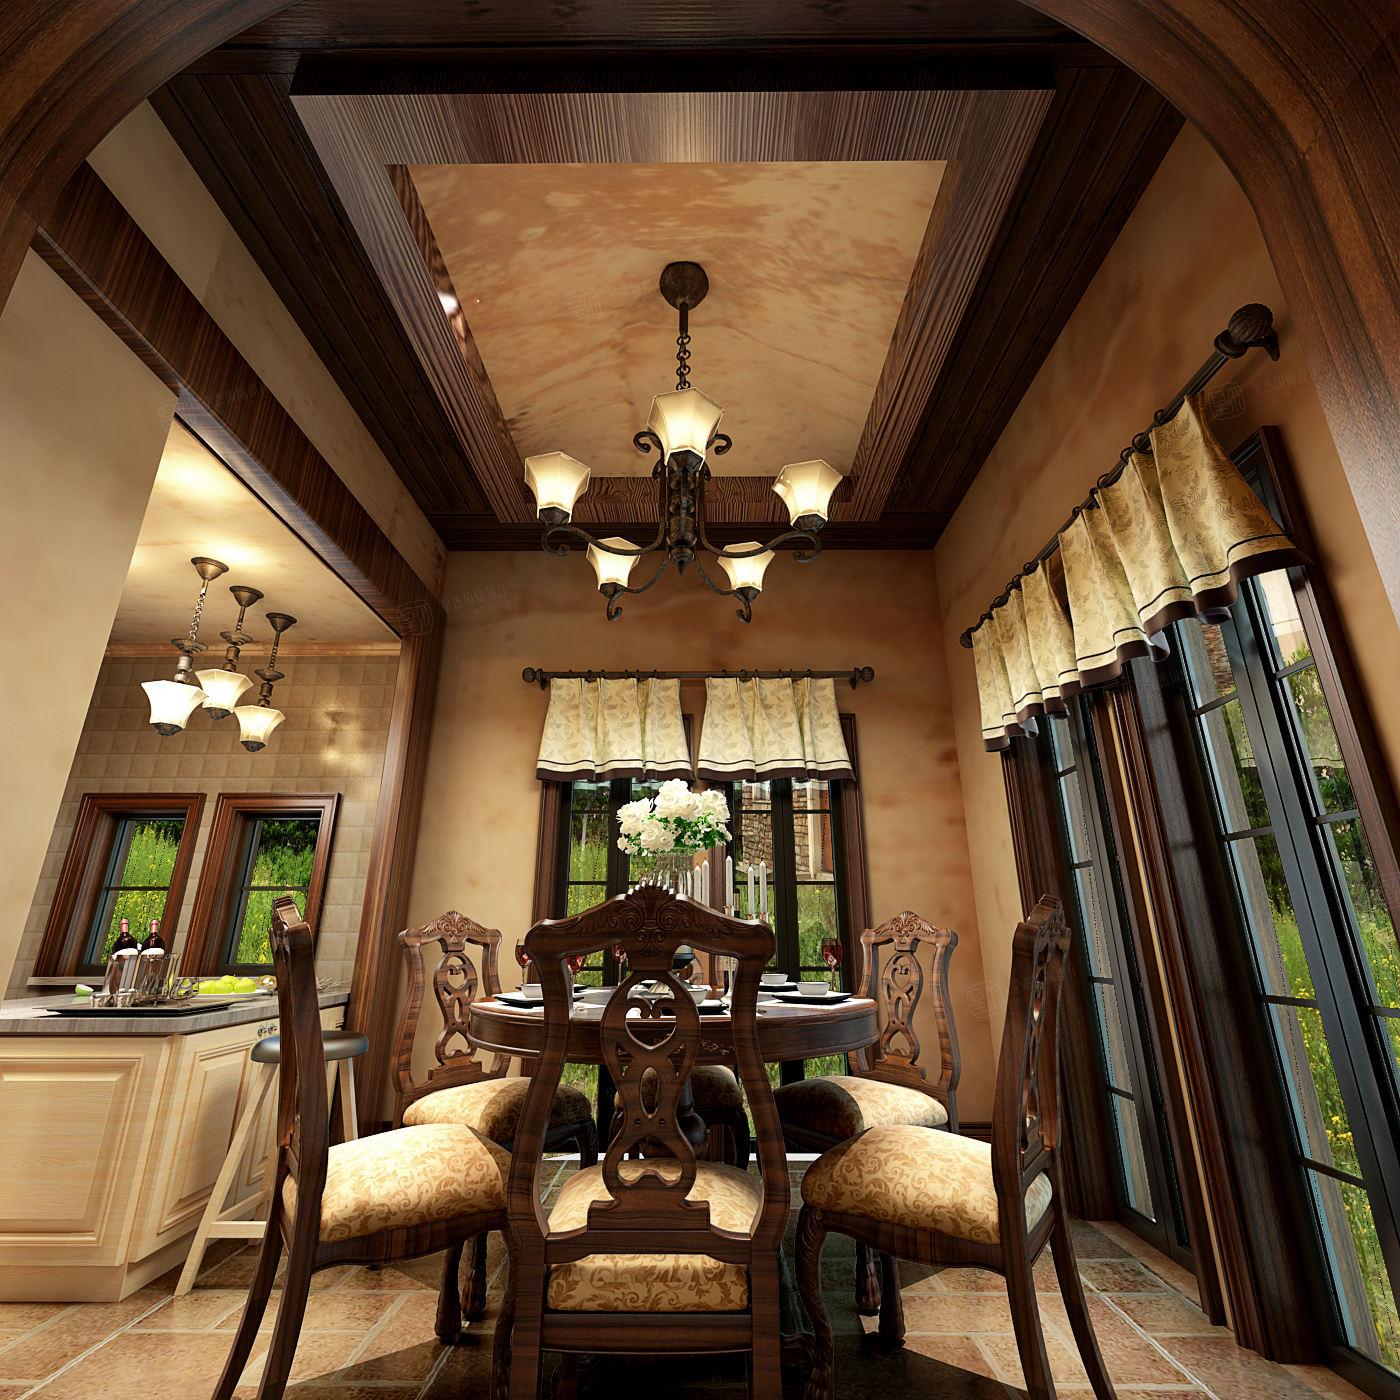 同润圣塔路斯 异域风情装修餐厅效果图